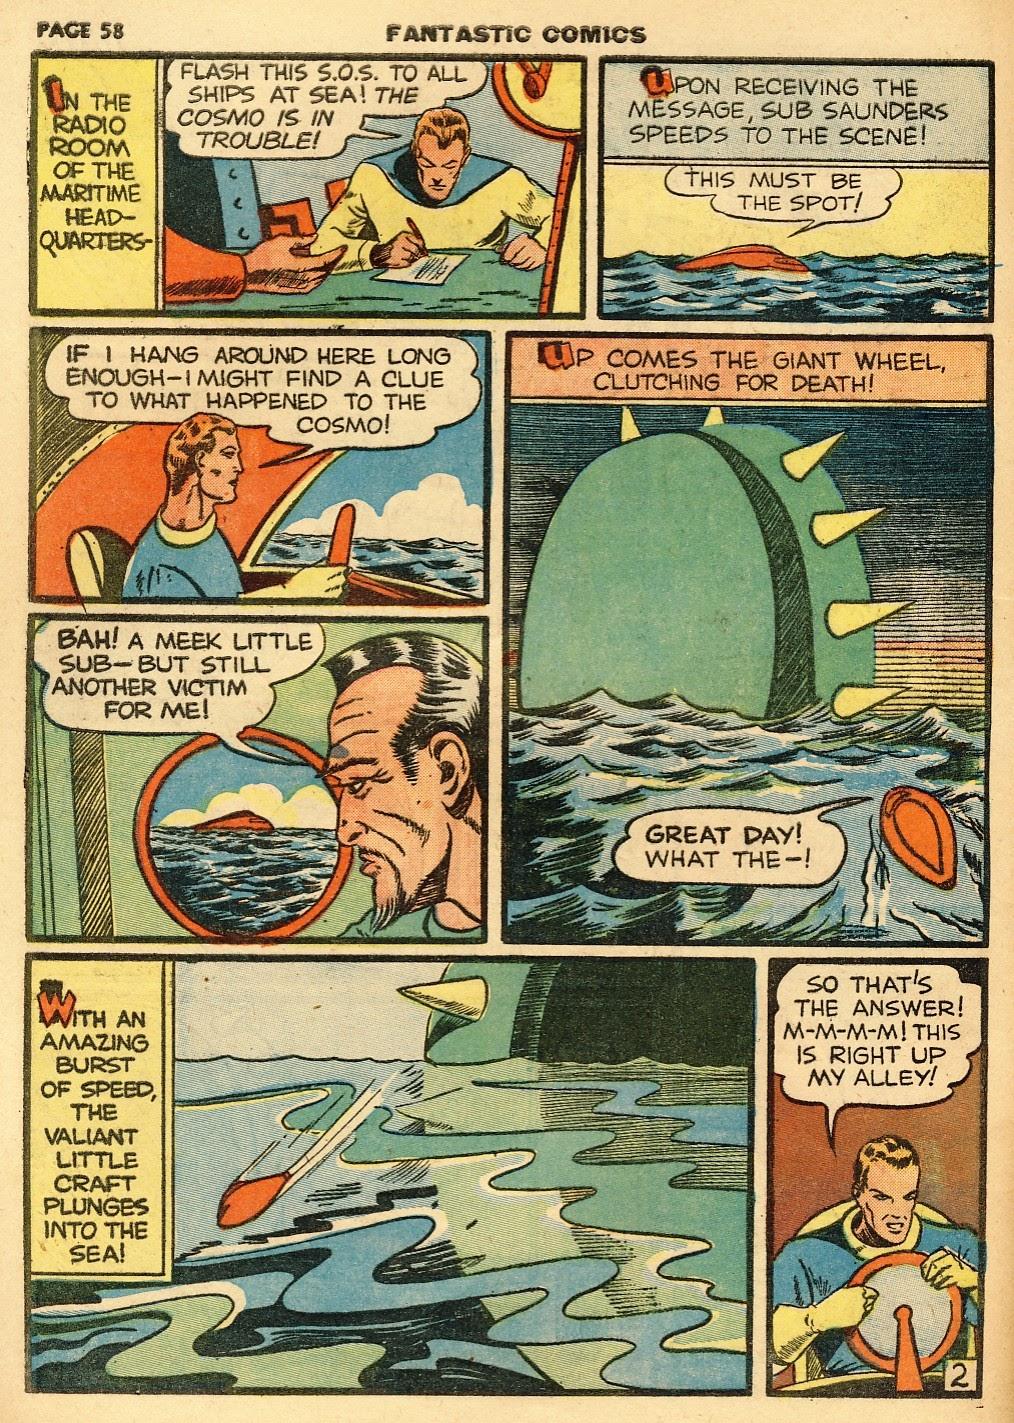 Read online Fantastic Comics comic -  Issue #10 - 59